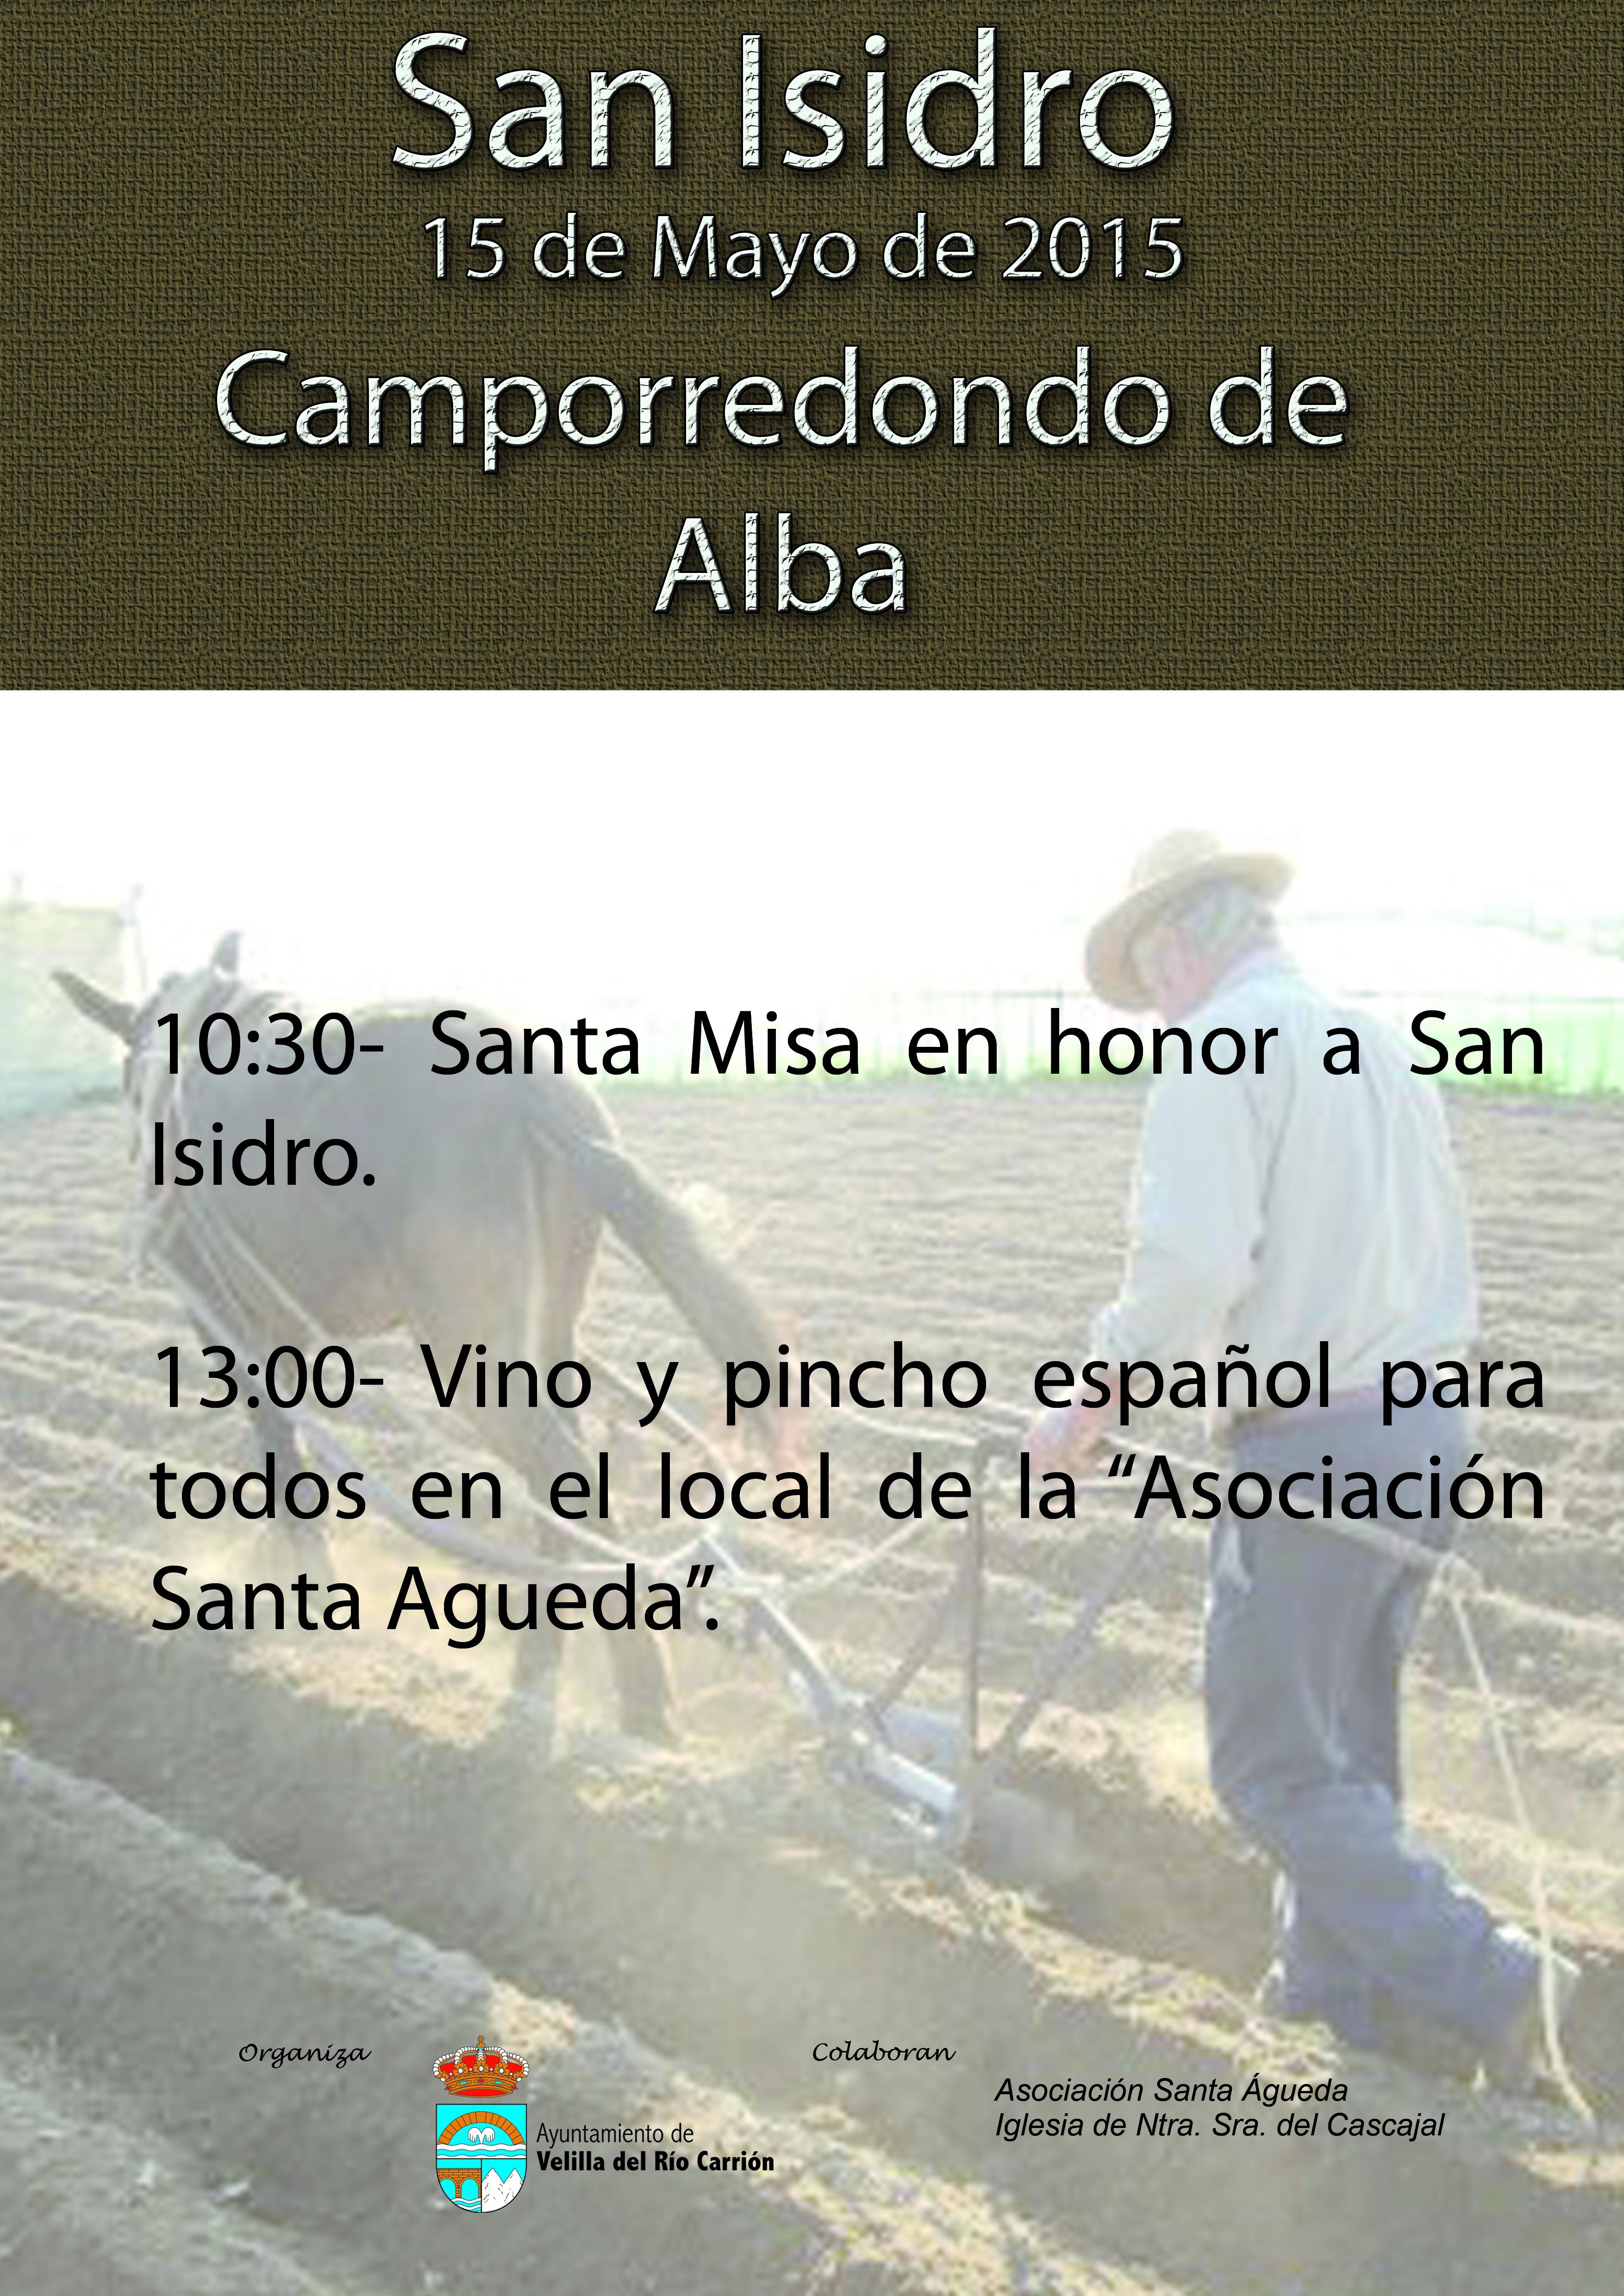 SAN ISIDRO – CAMPORREDONDO DE ALBA